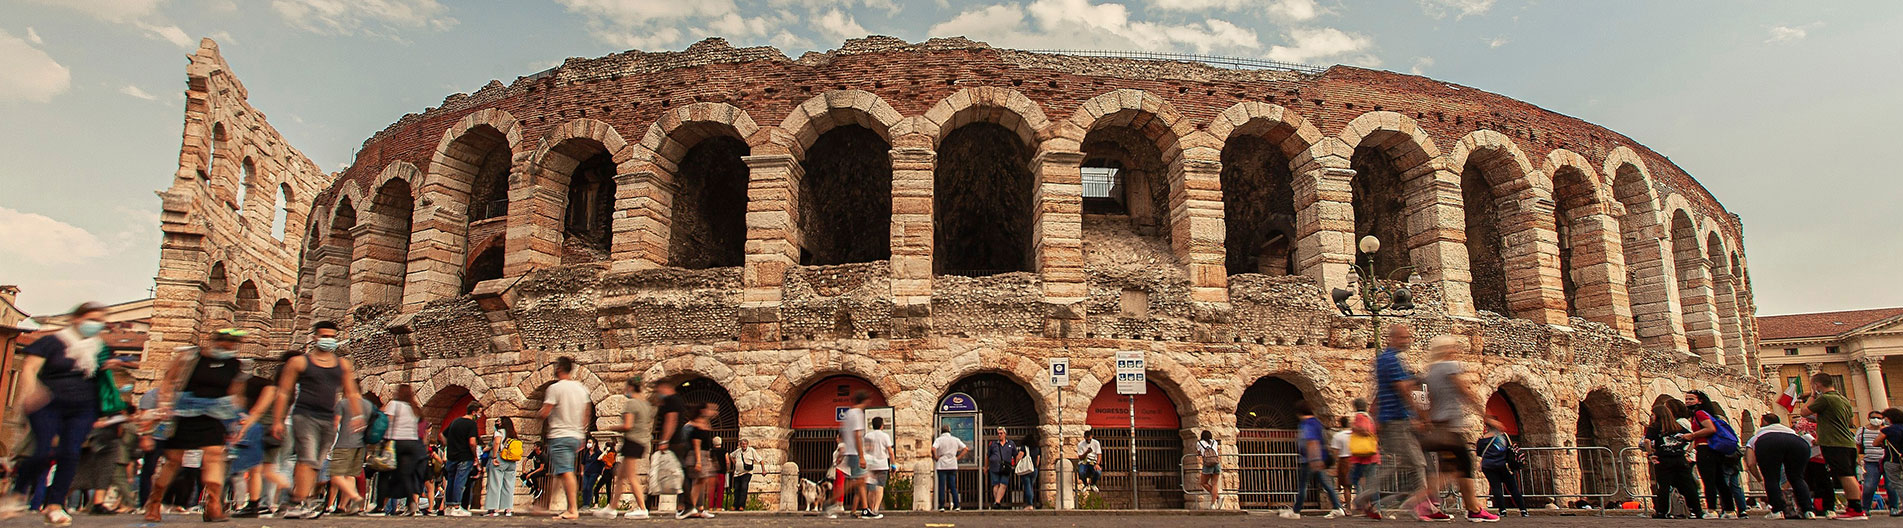 Anche l'Arena di Verona riparte in sicurezza!